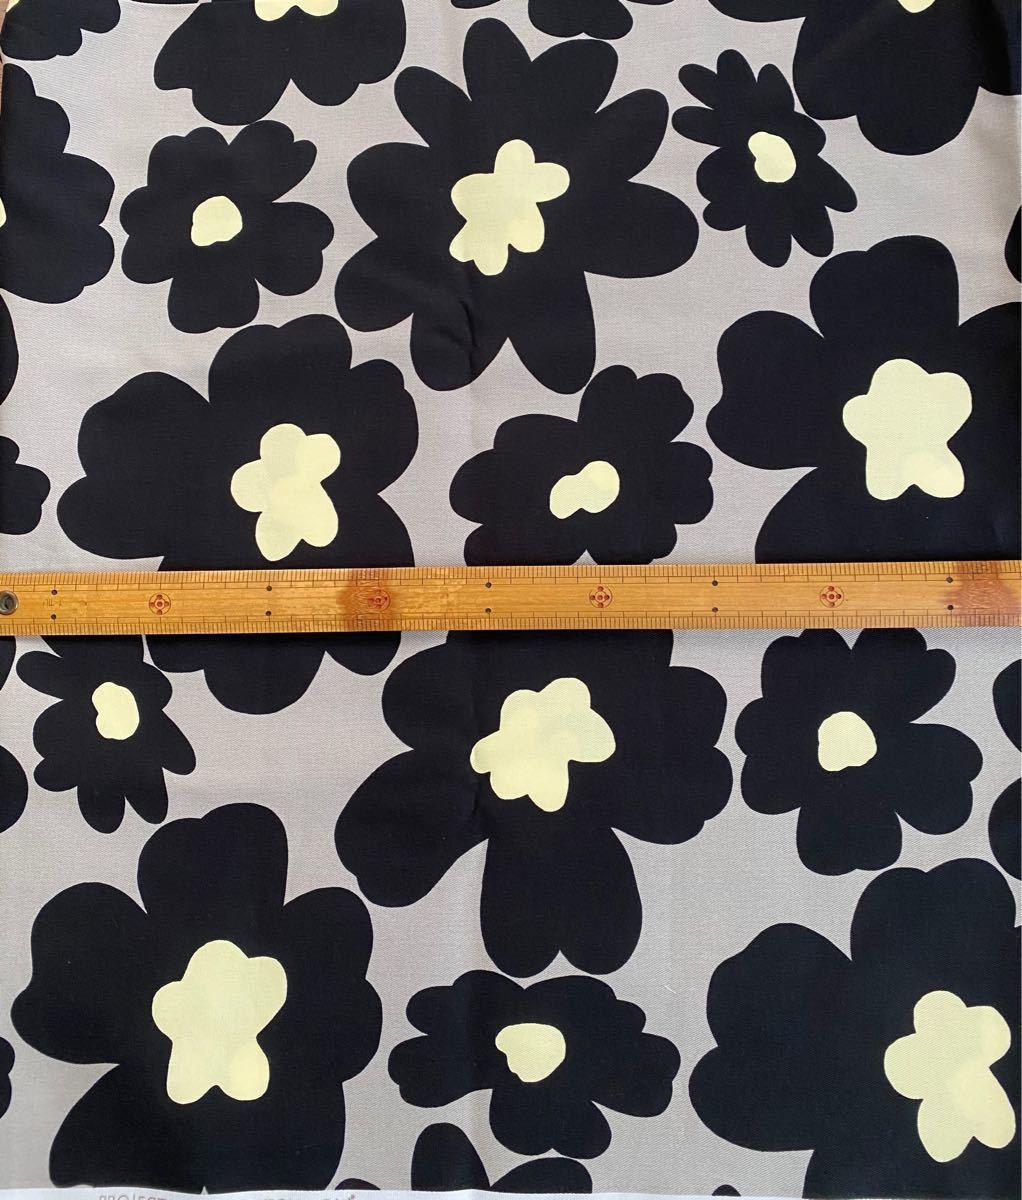 花柄生地 グレー&黒花柄 1m コットンこばやし